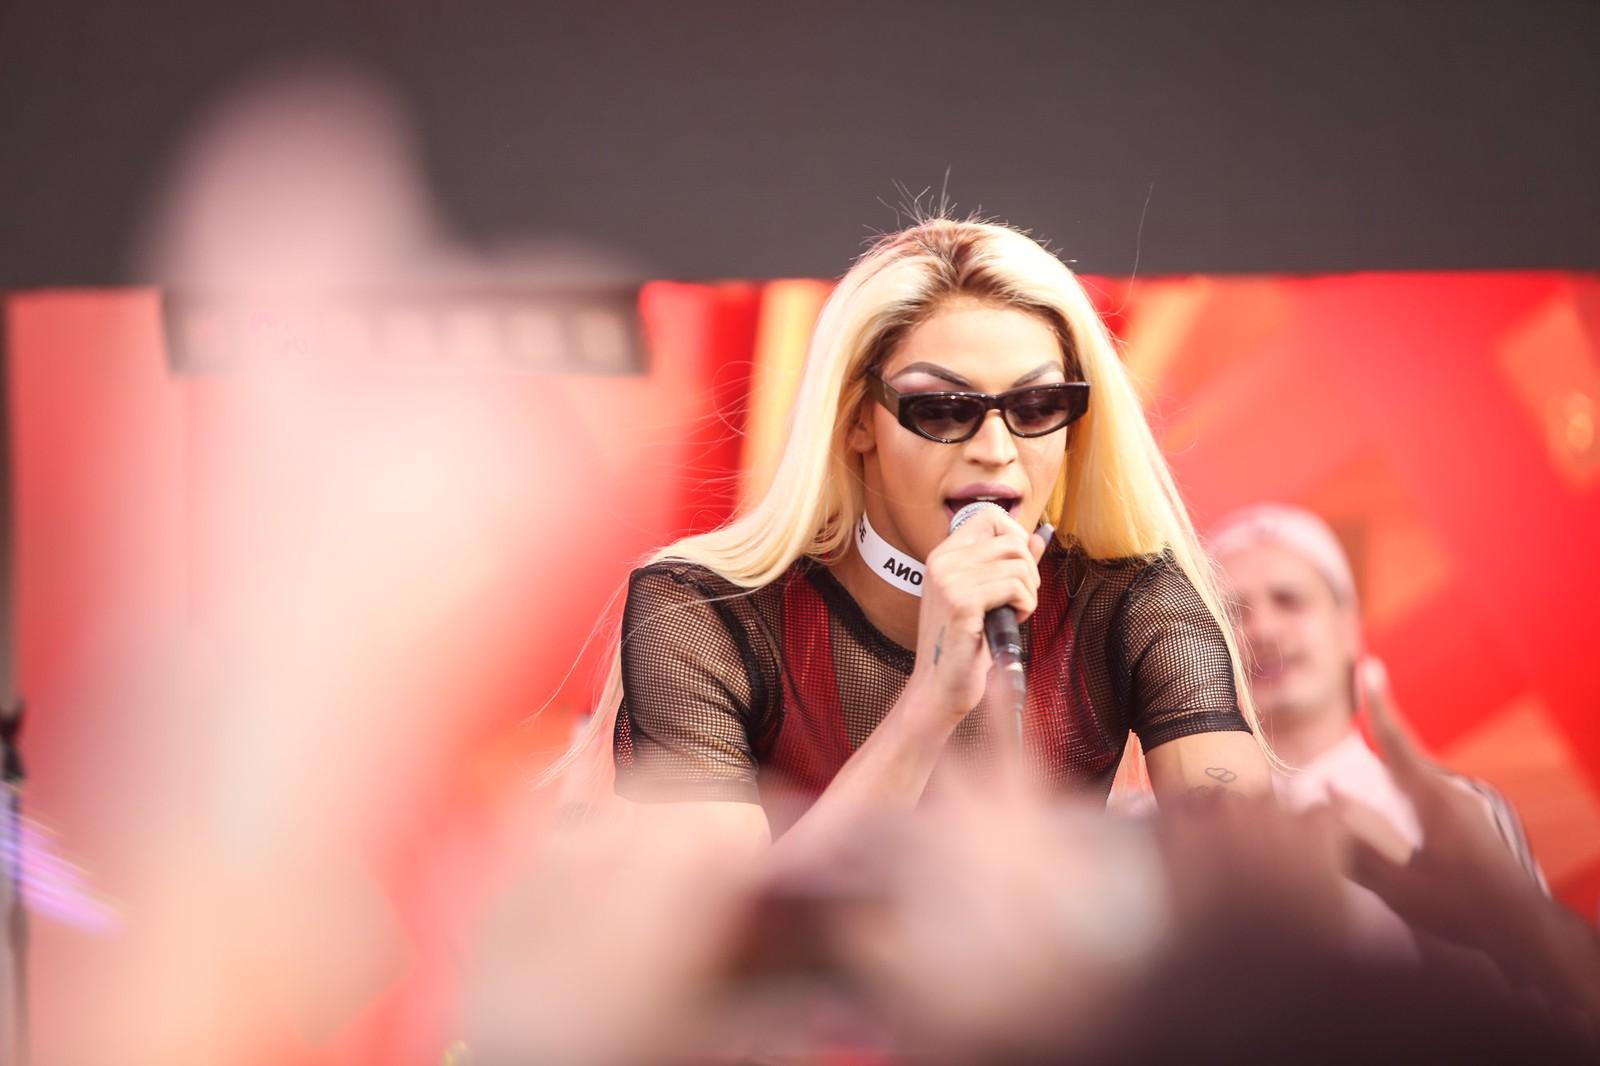 Pabllo Vittar anima público em apresentação no Rock in Rio; assista